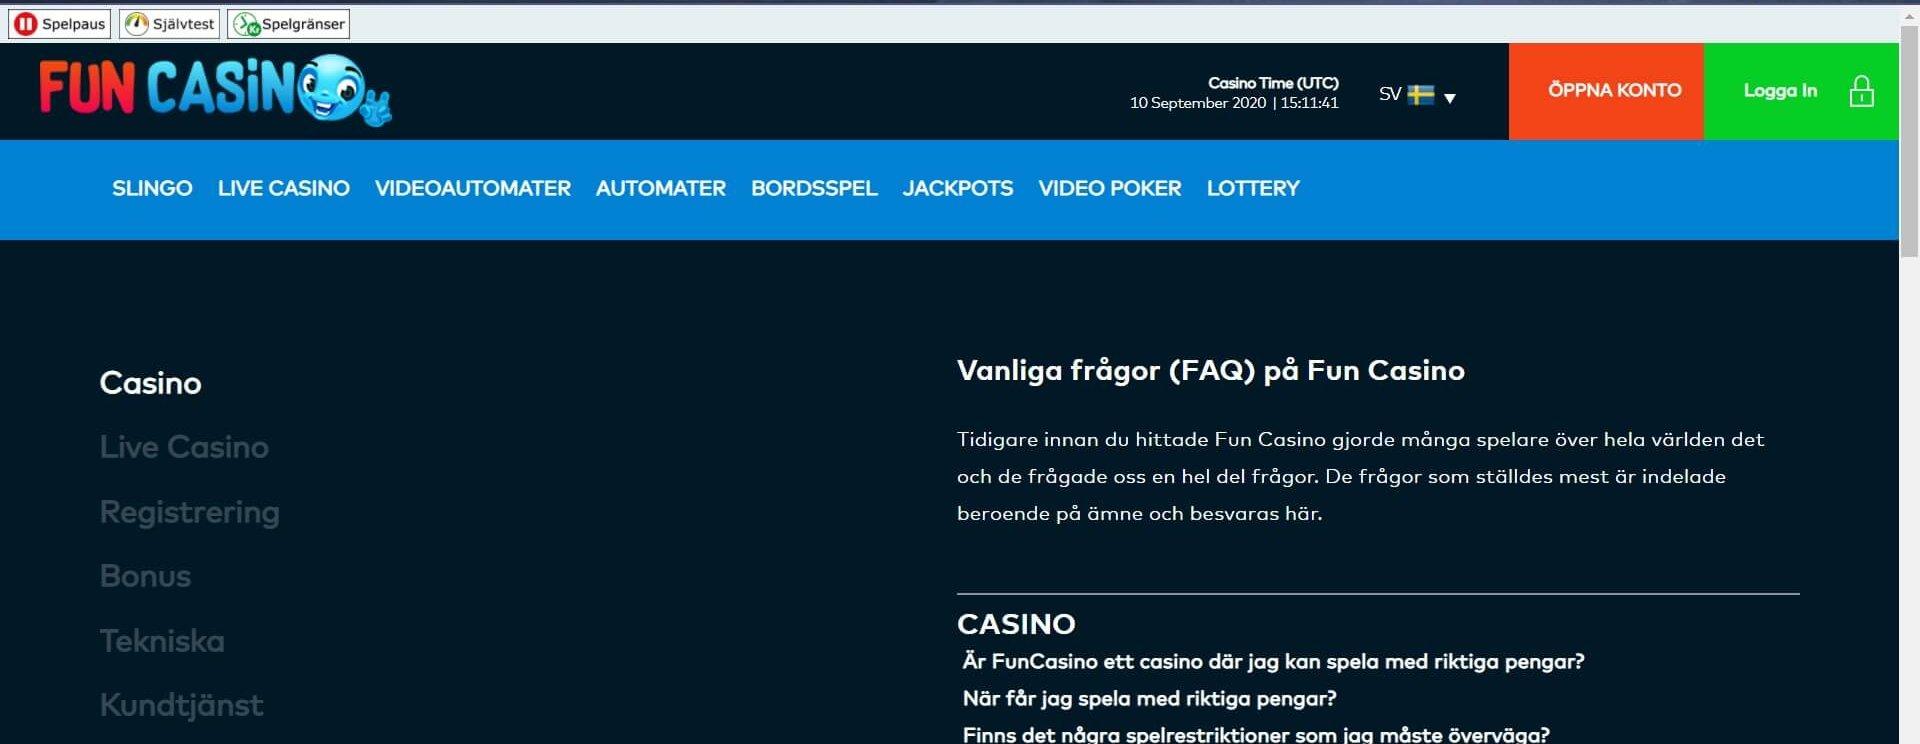 Hitta svar om allt från Live Casino till betalmetoder